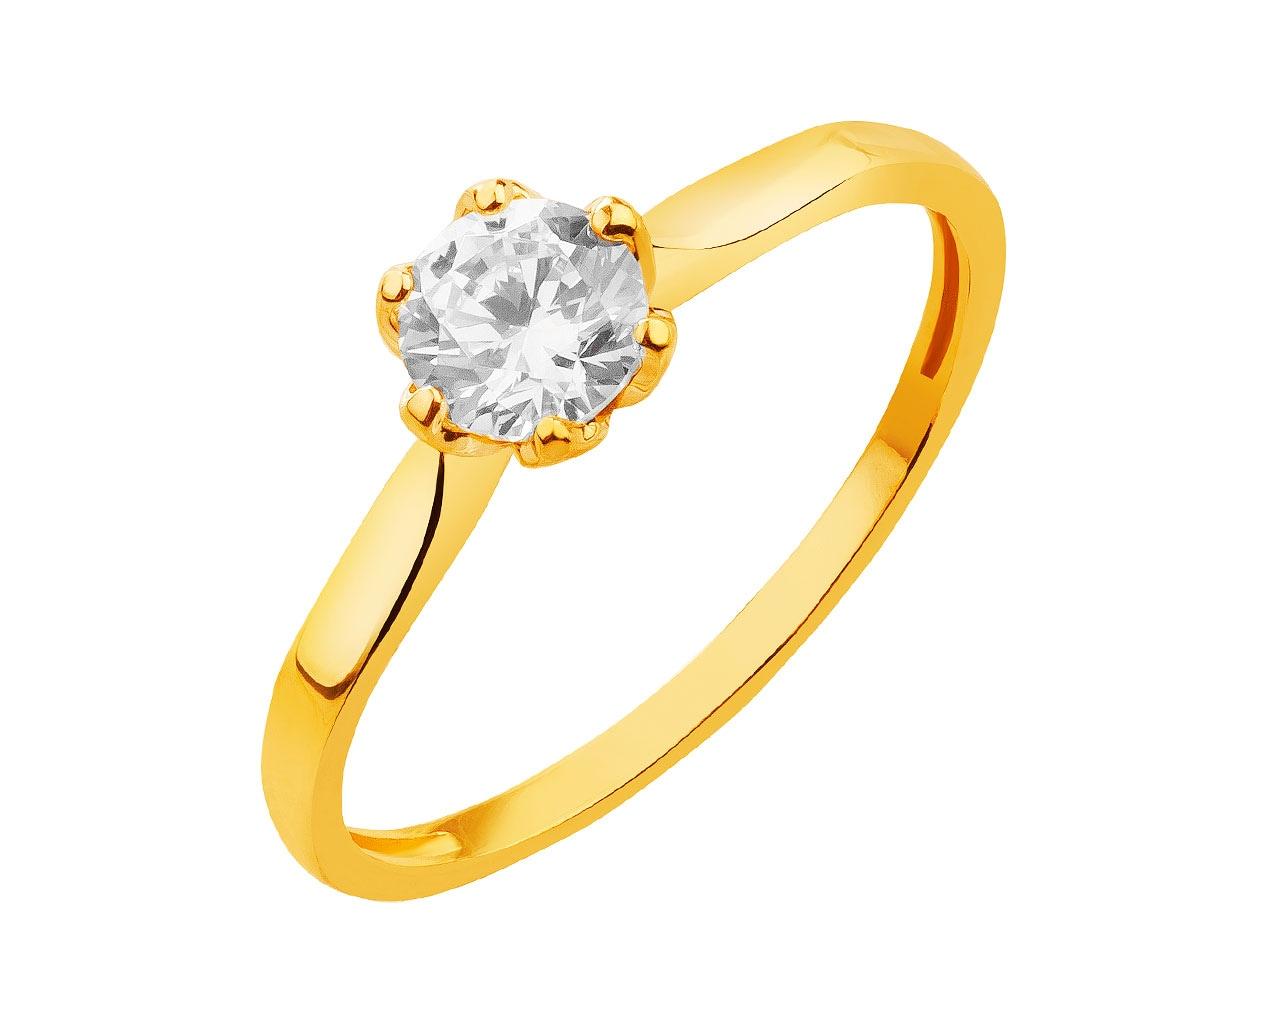 0d79db6ced5e8e Złoty pierścionek z cyrkonią - wzór P-906.01 / Apart